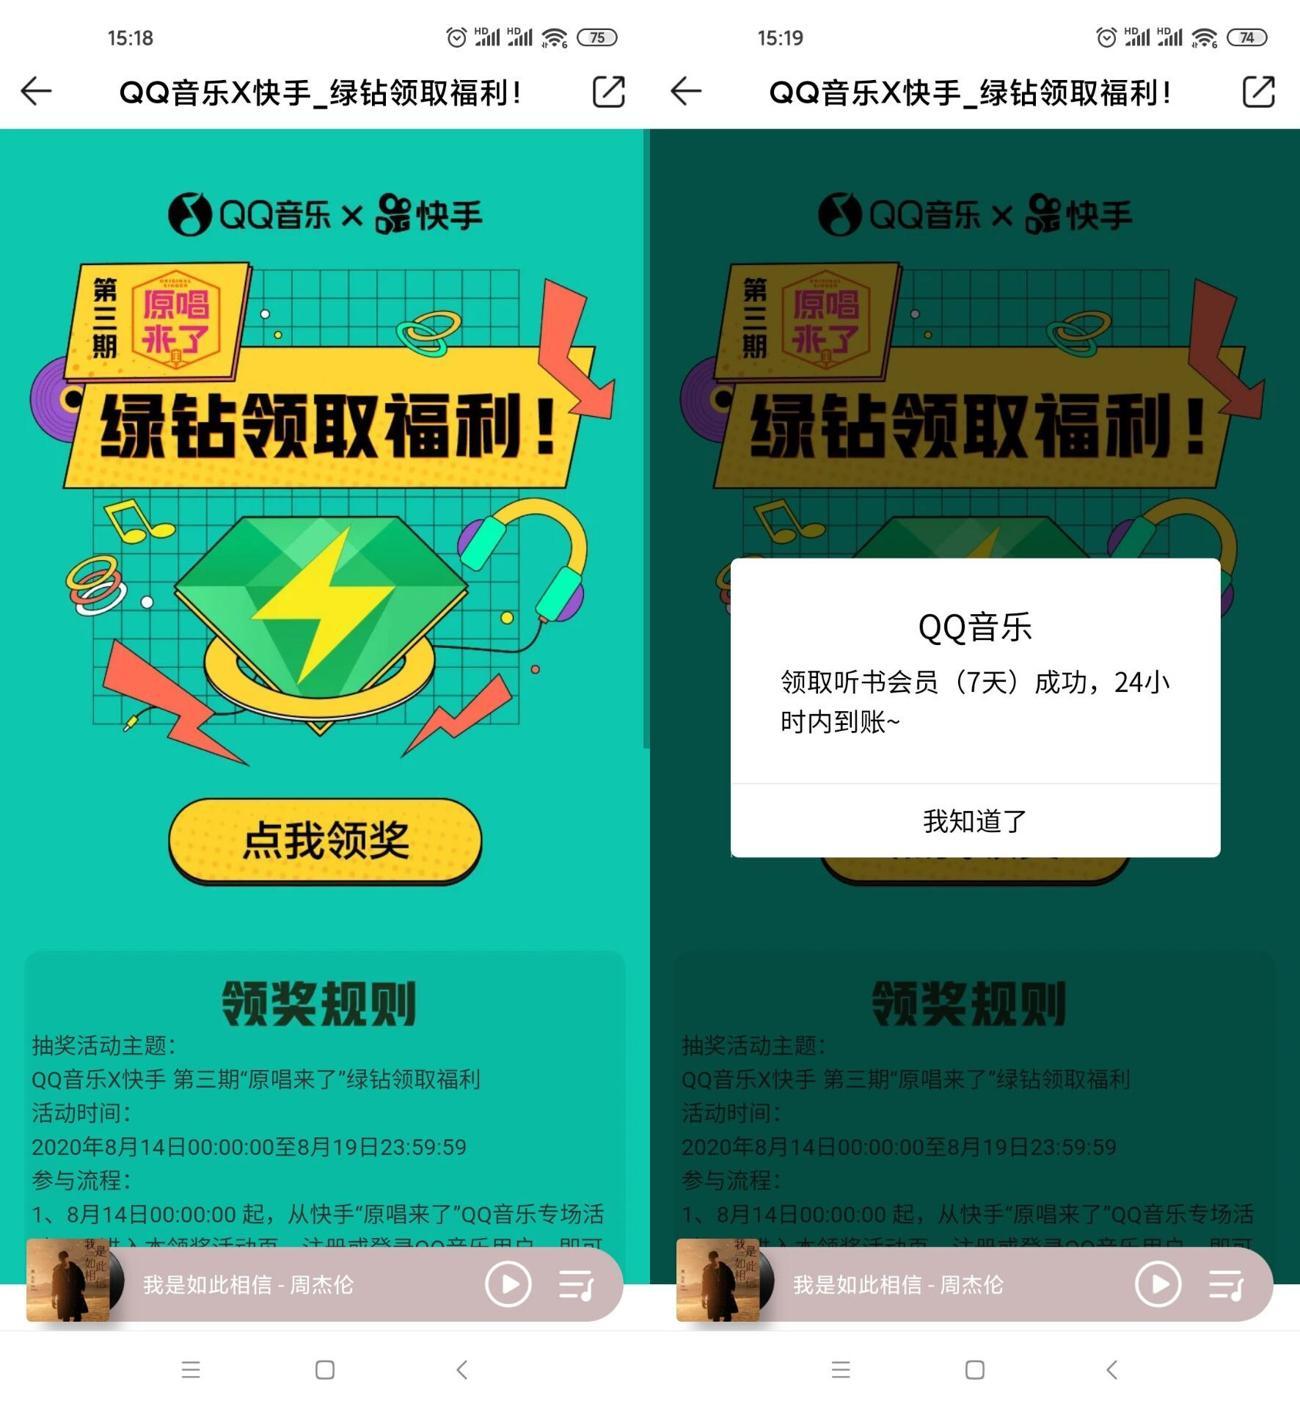 QQ音乐免费领7天听书会员